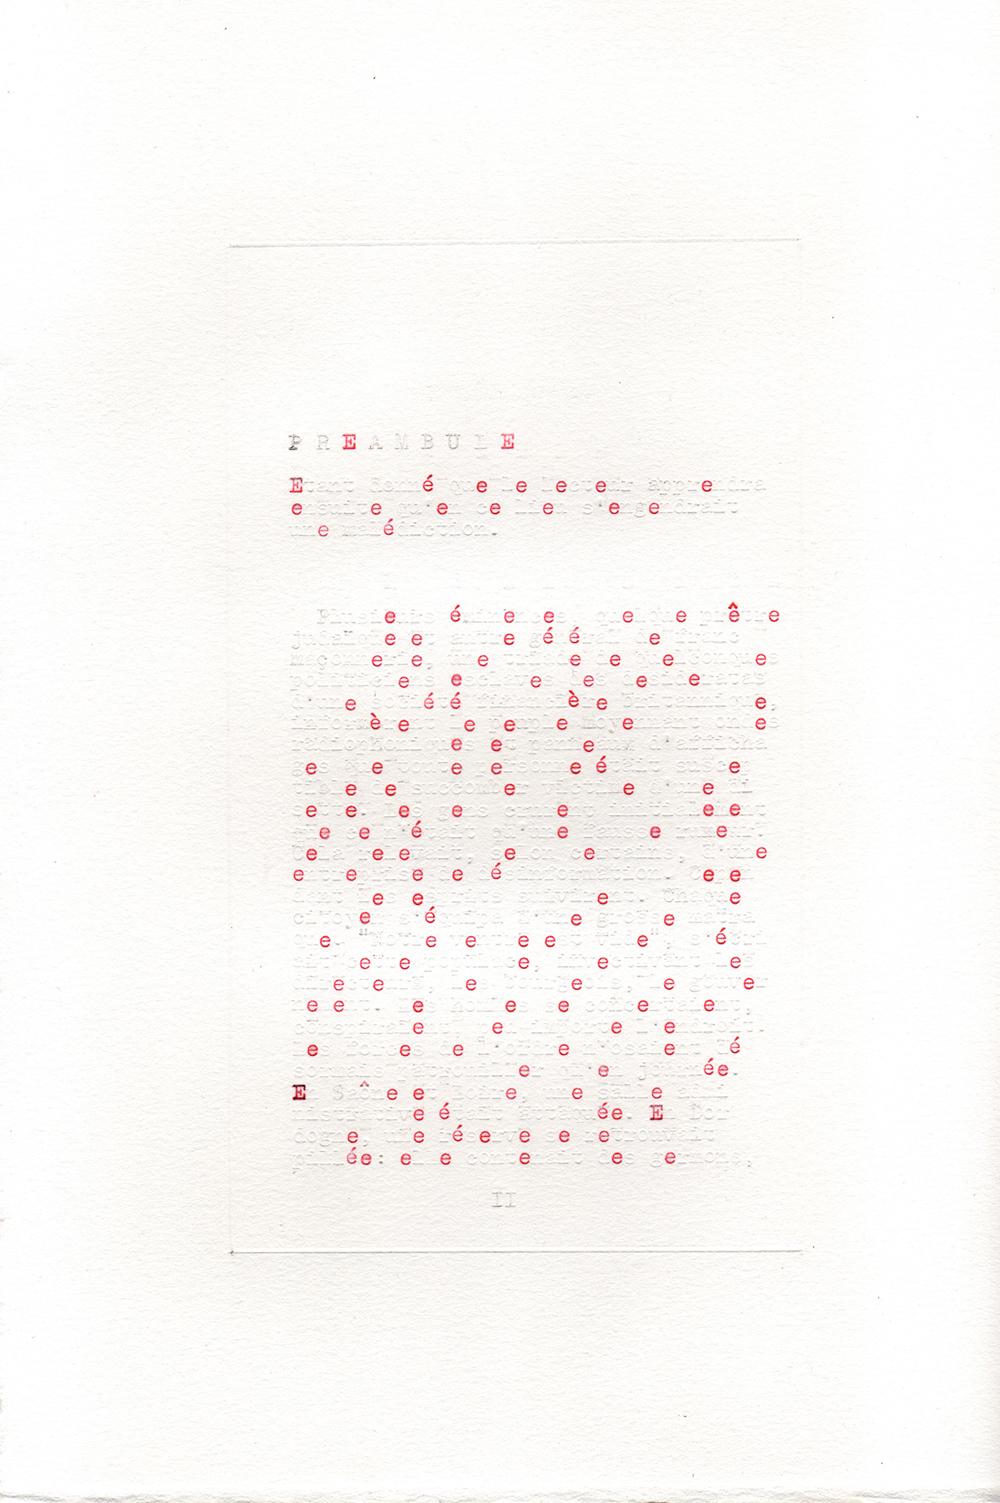 """Jérémie Bennequin, """"La Disparition, """"Préambule"""", 7 pages (29,7x21 cm chacune), dactylographie rouge et frappes vides sur papier vélin, 2018."""